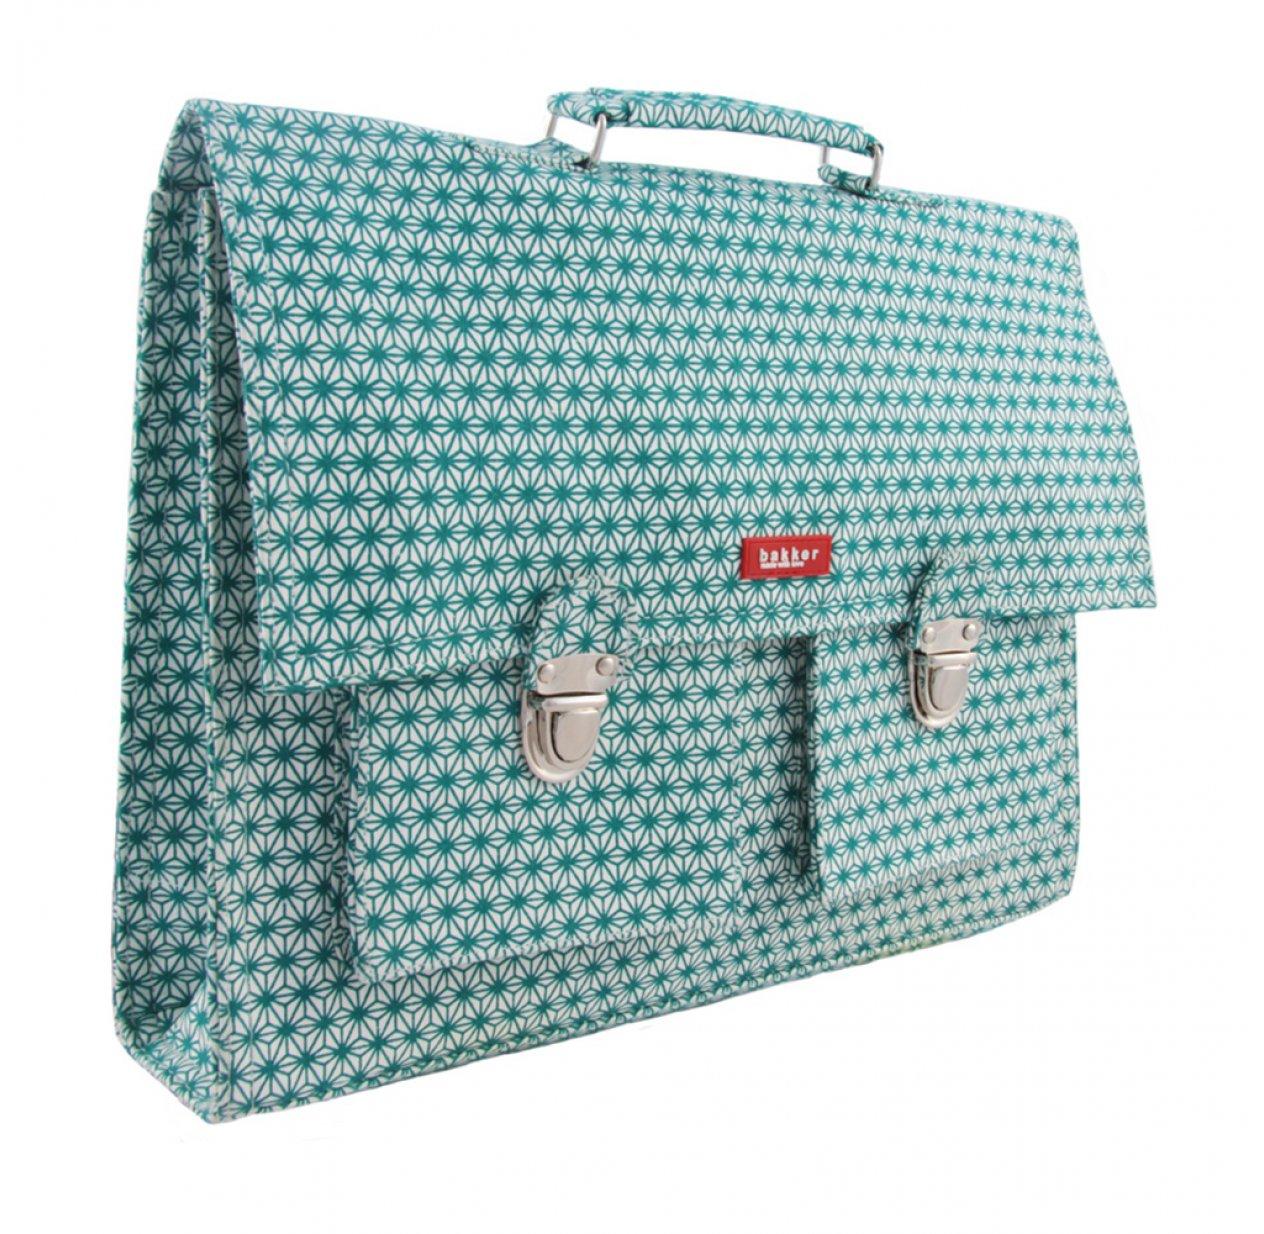 nouveaux styles 886fe eac74 Cartable X Turquoise